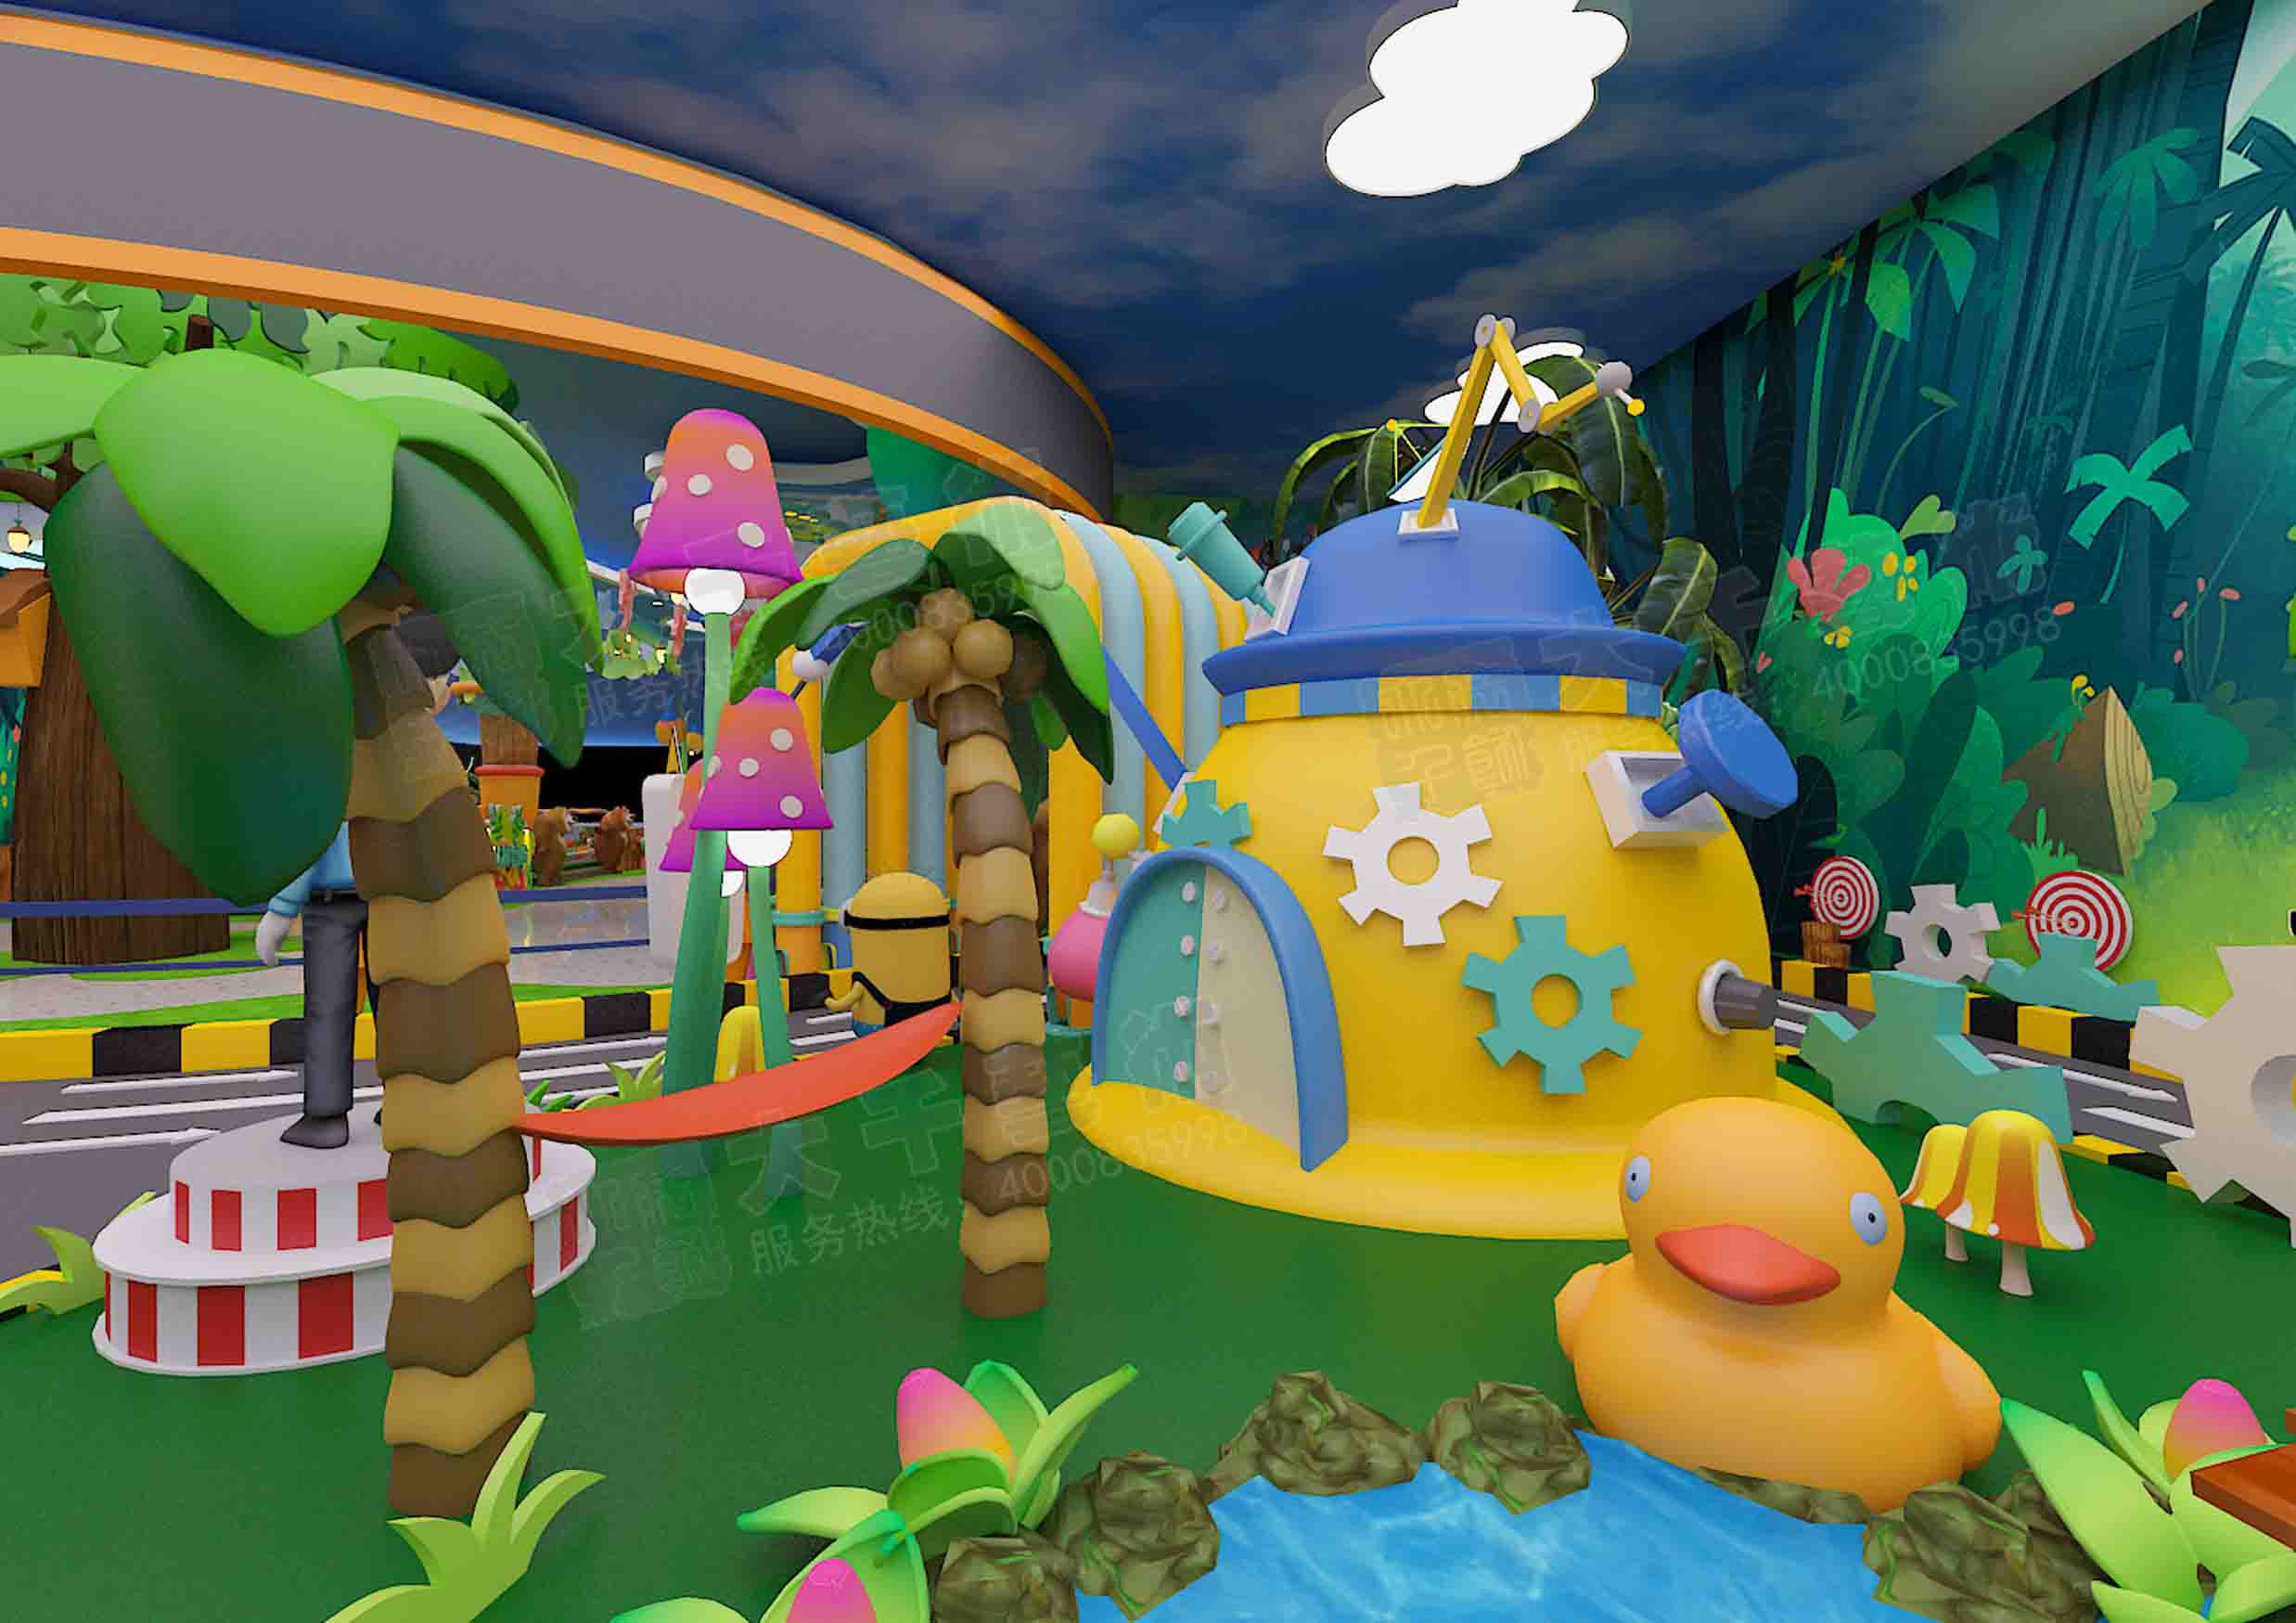 大千艺术十分注重主题儿童乐园设计核心技术的积累,公司主题儿童乐园